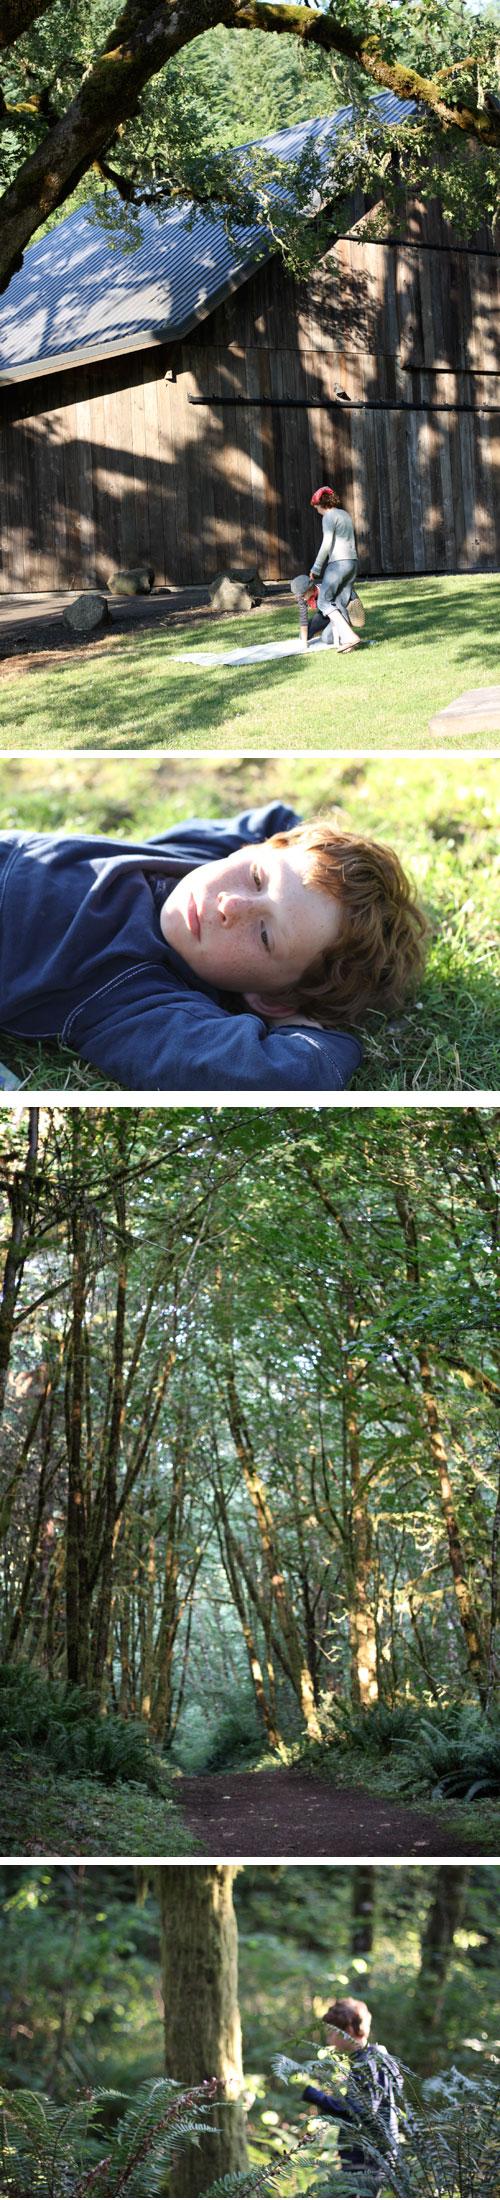 Woodspicnic